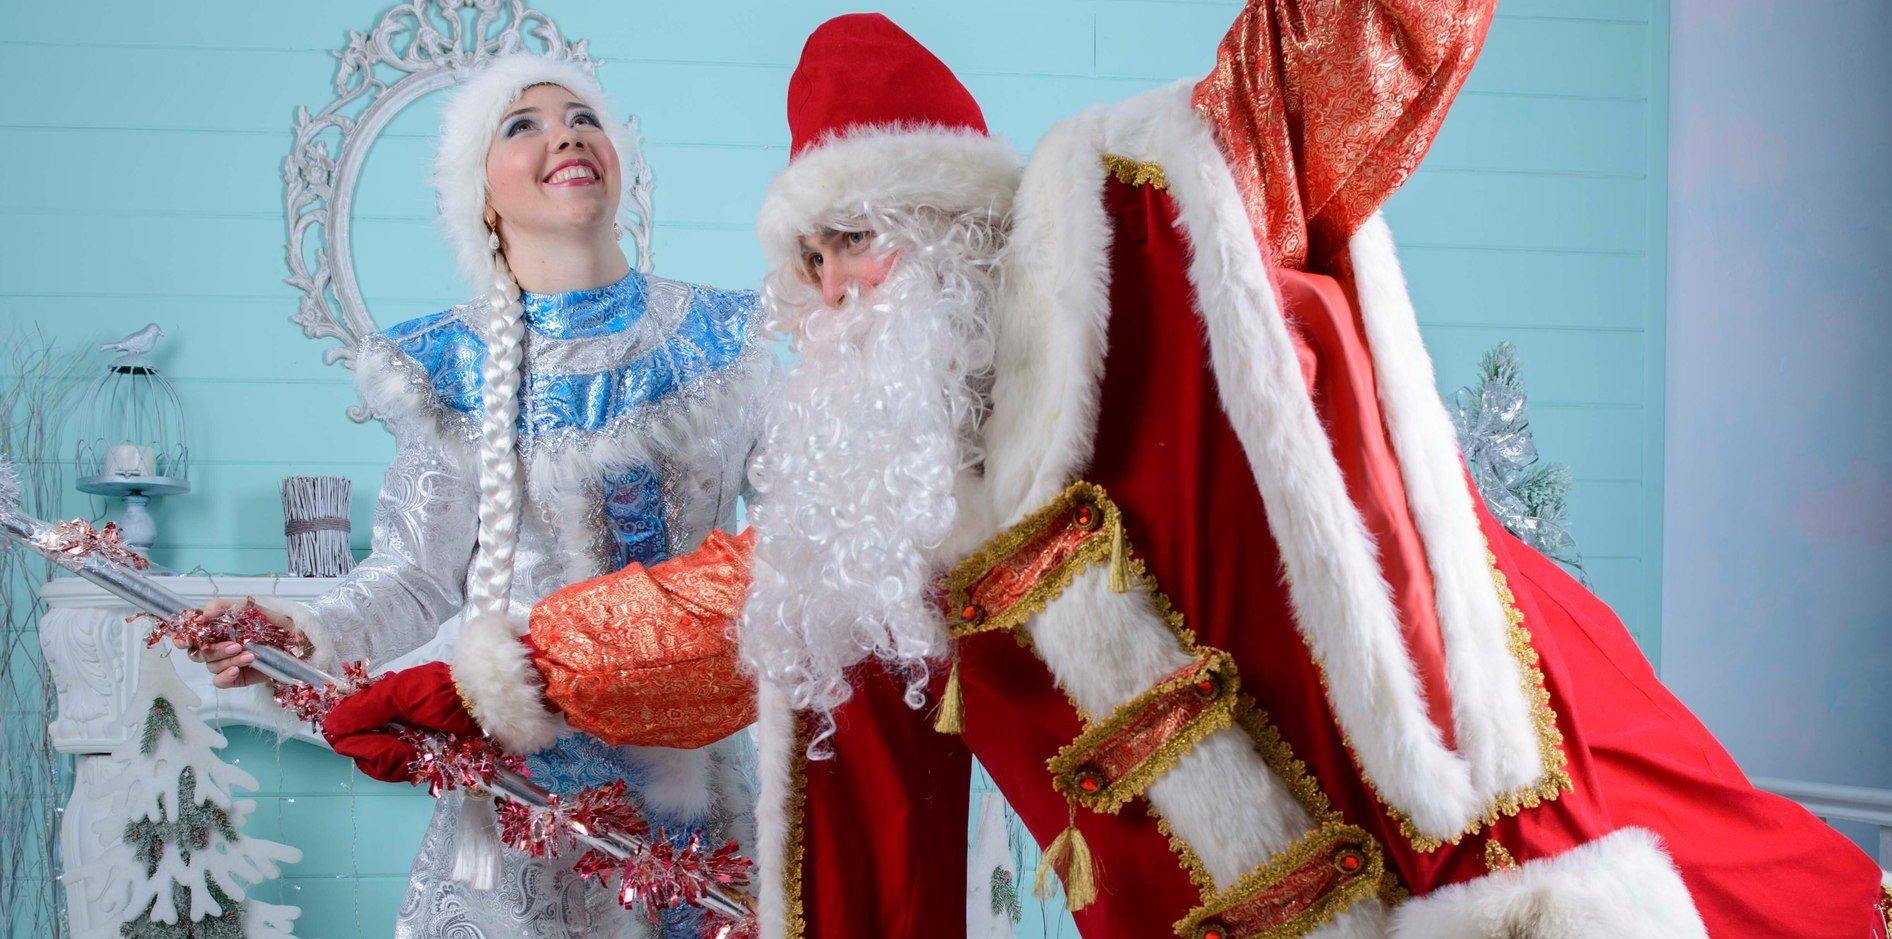 Дед Мороз в офис ресторан корпоратив Киев